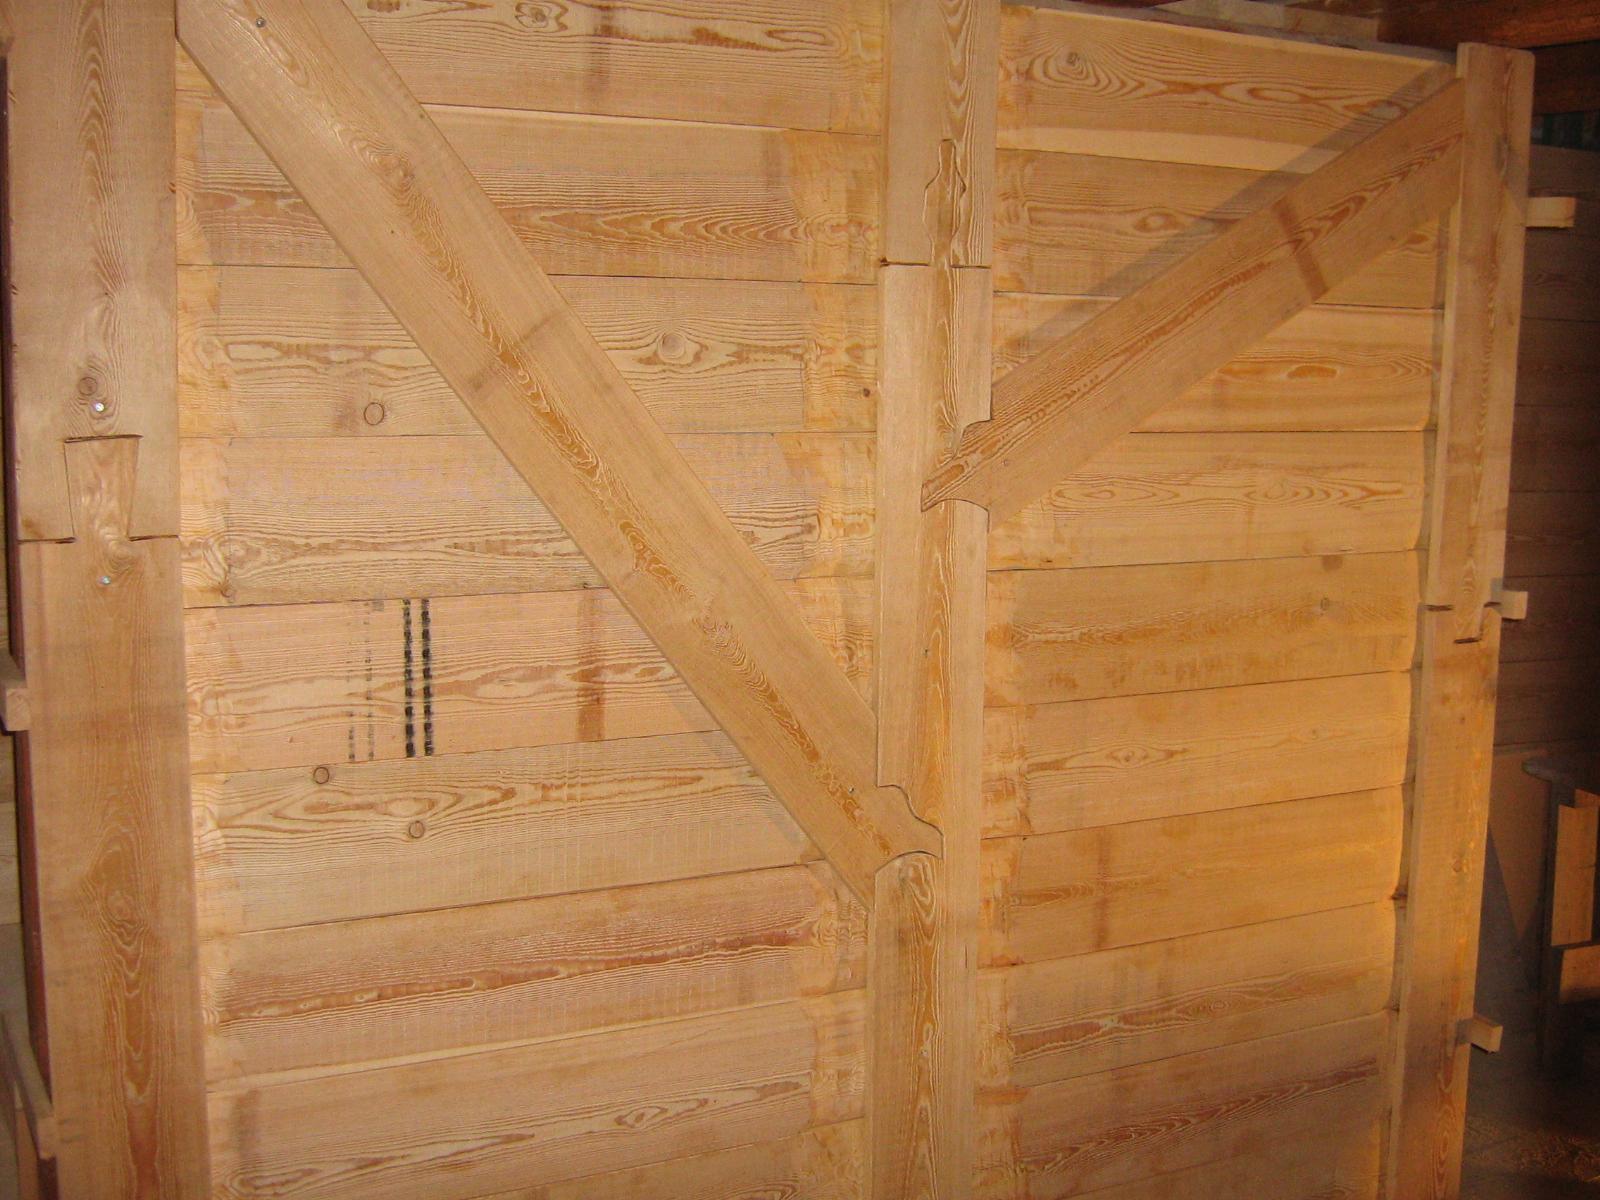 la parete che nasconde la scala che sale in mansarda, crea un disegno ...